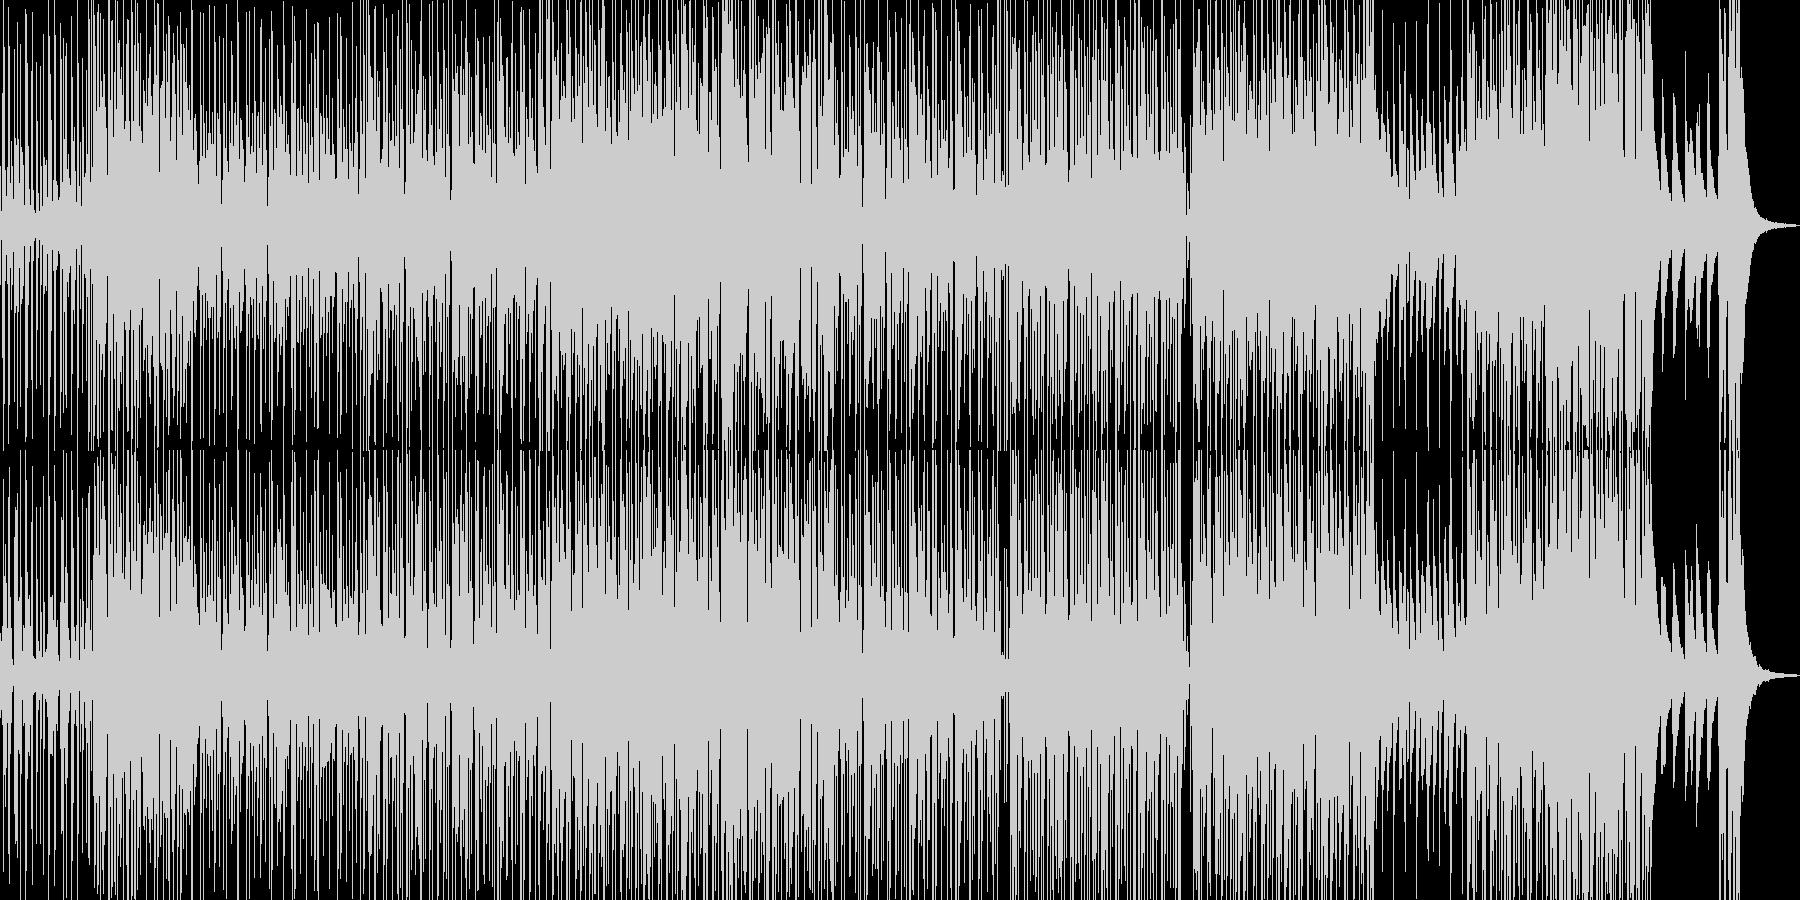 楽しくも切ないブラス系R&Bの未再生の波形